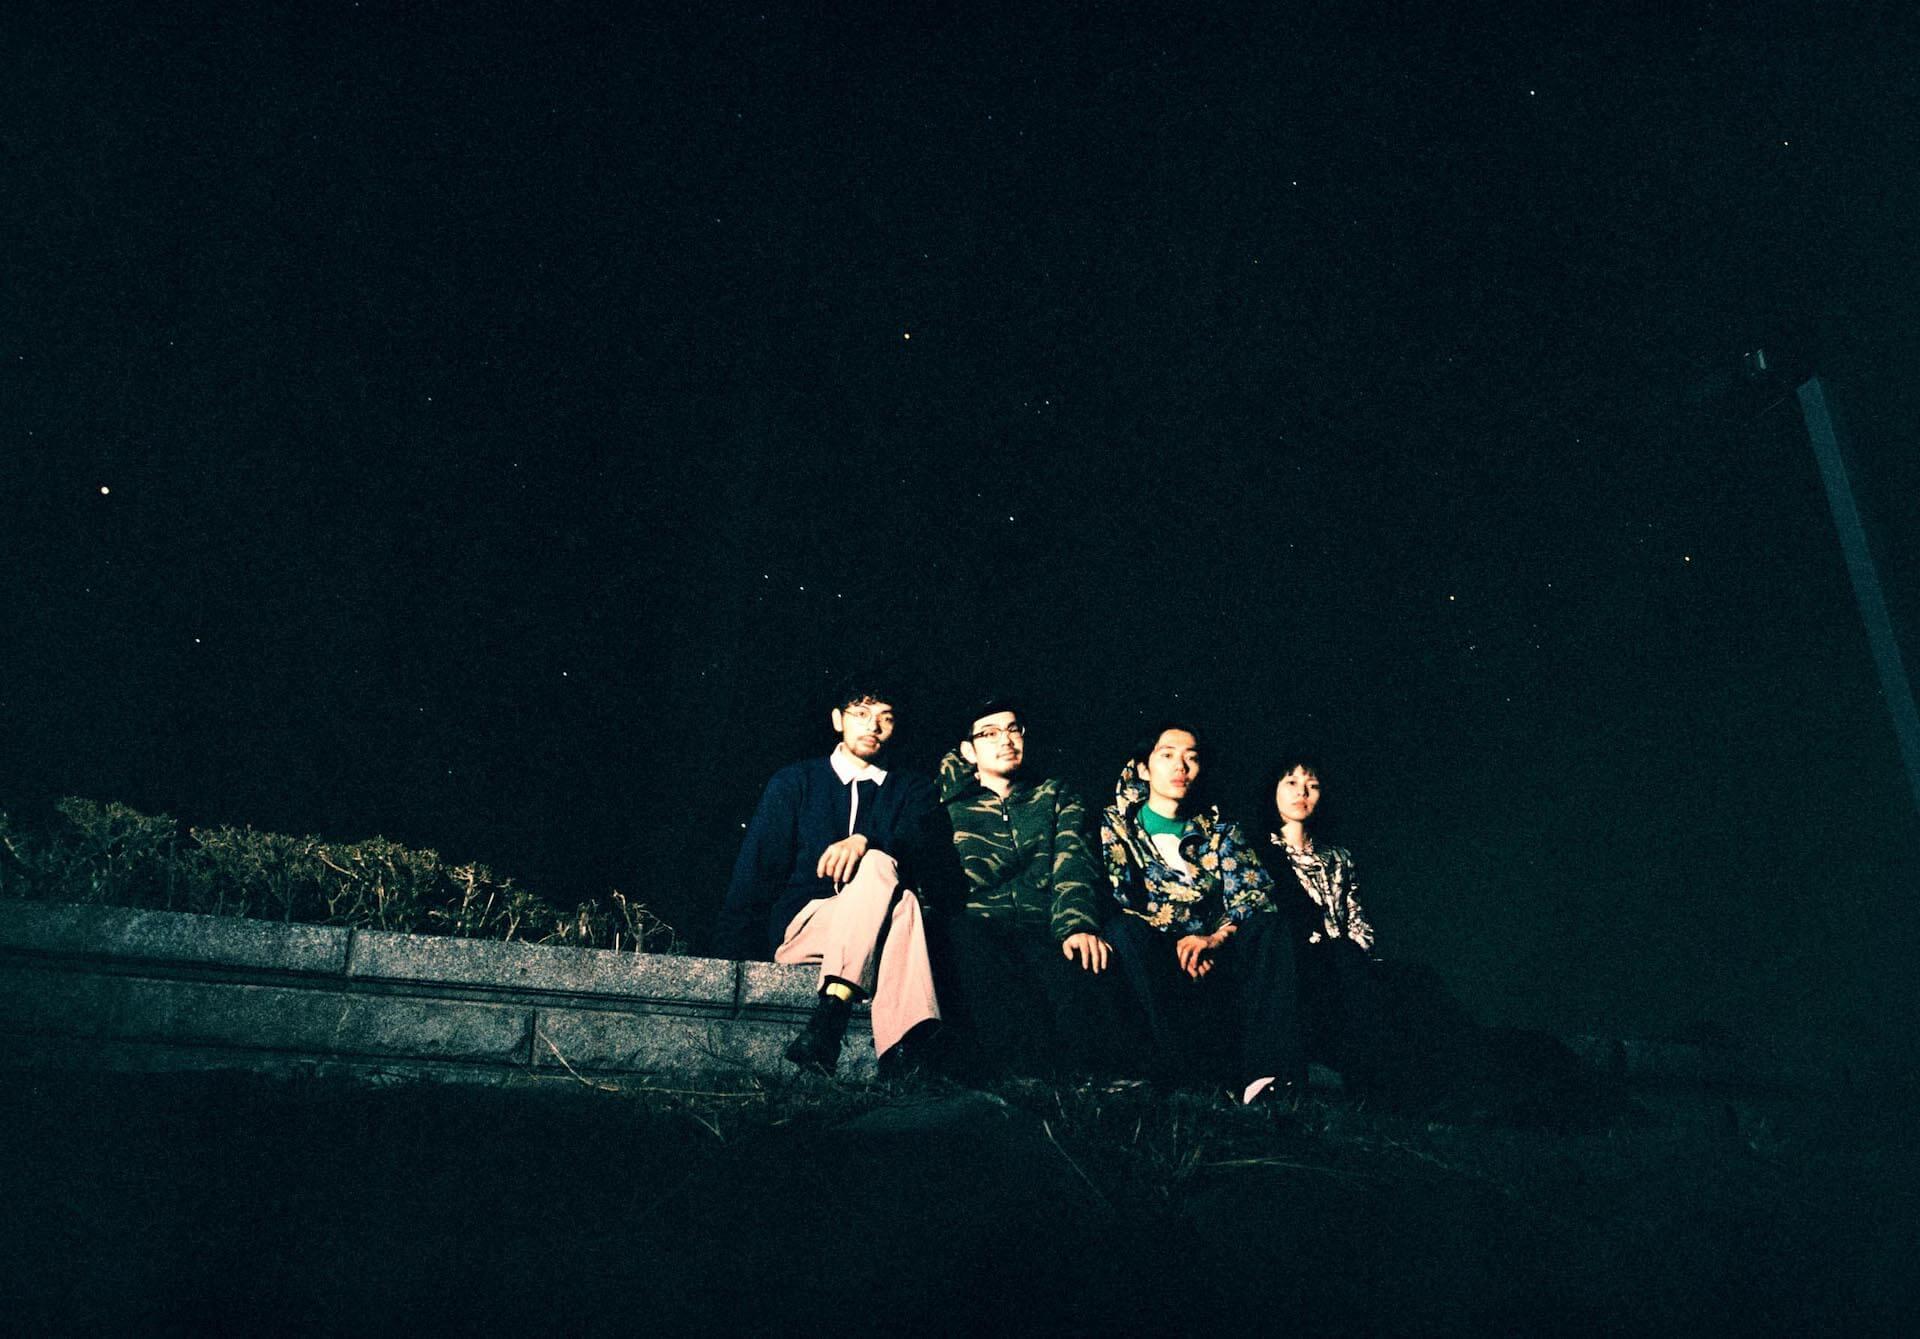 「自然」とそこにあった音楽──MONO NO AWARE、New AL『行列のできる方舟』インタビュー interview210609_mono-no-aware-04